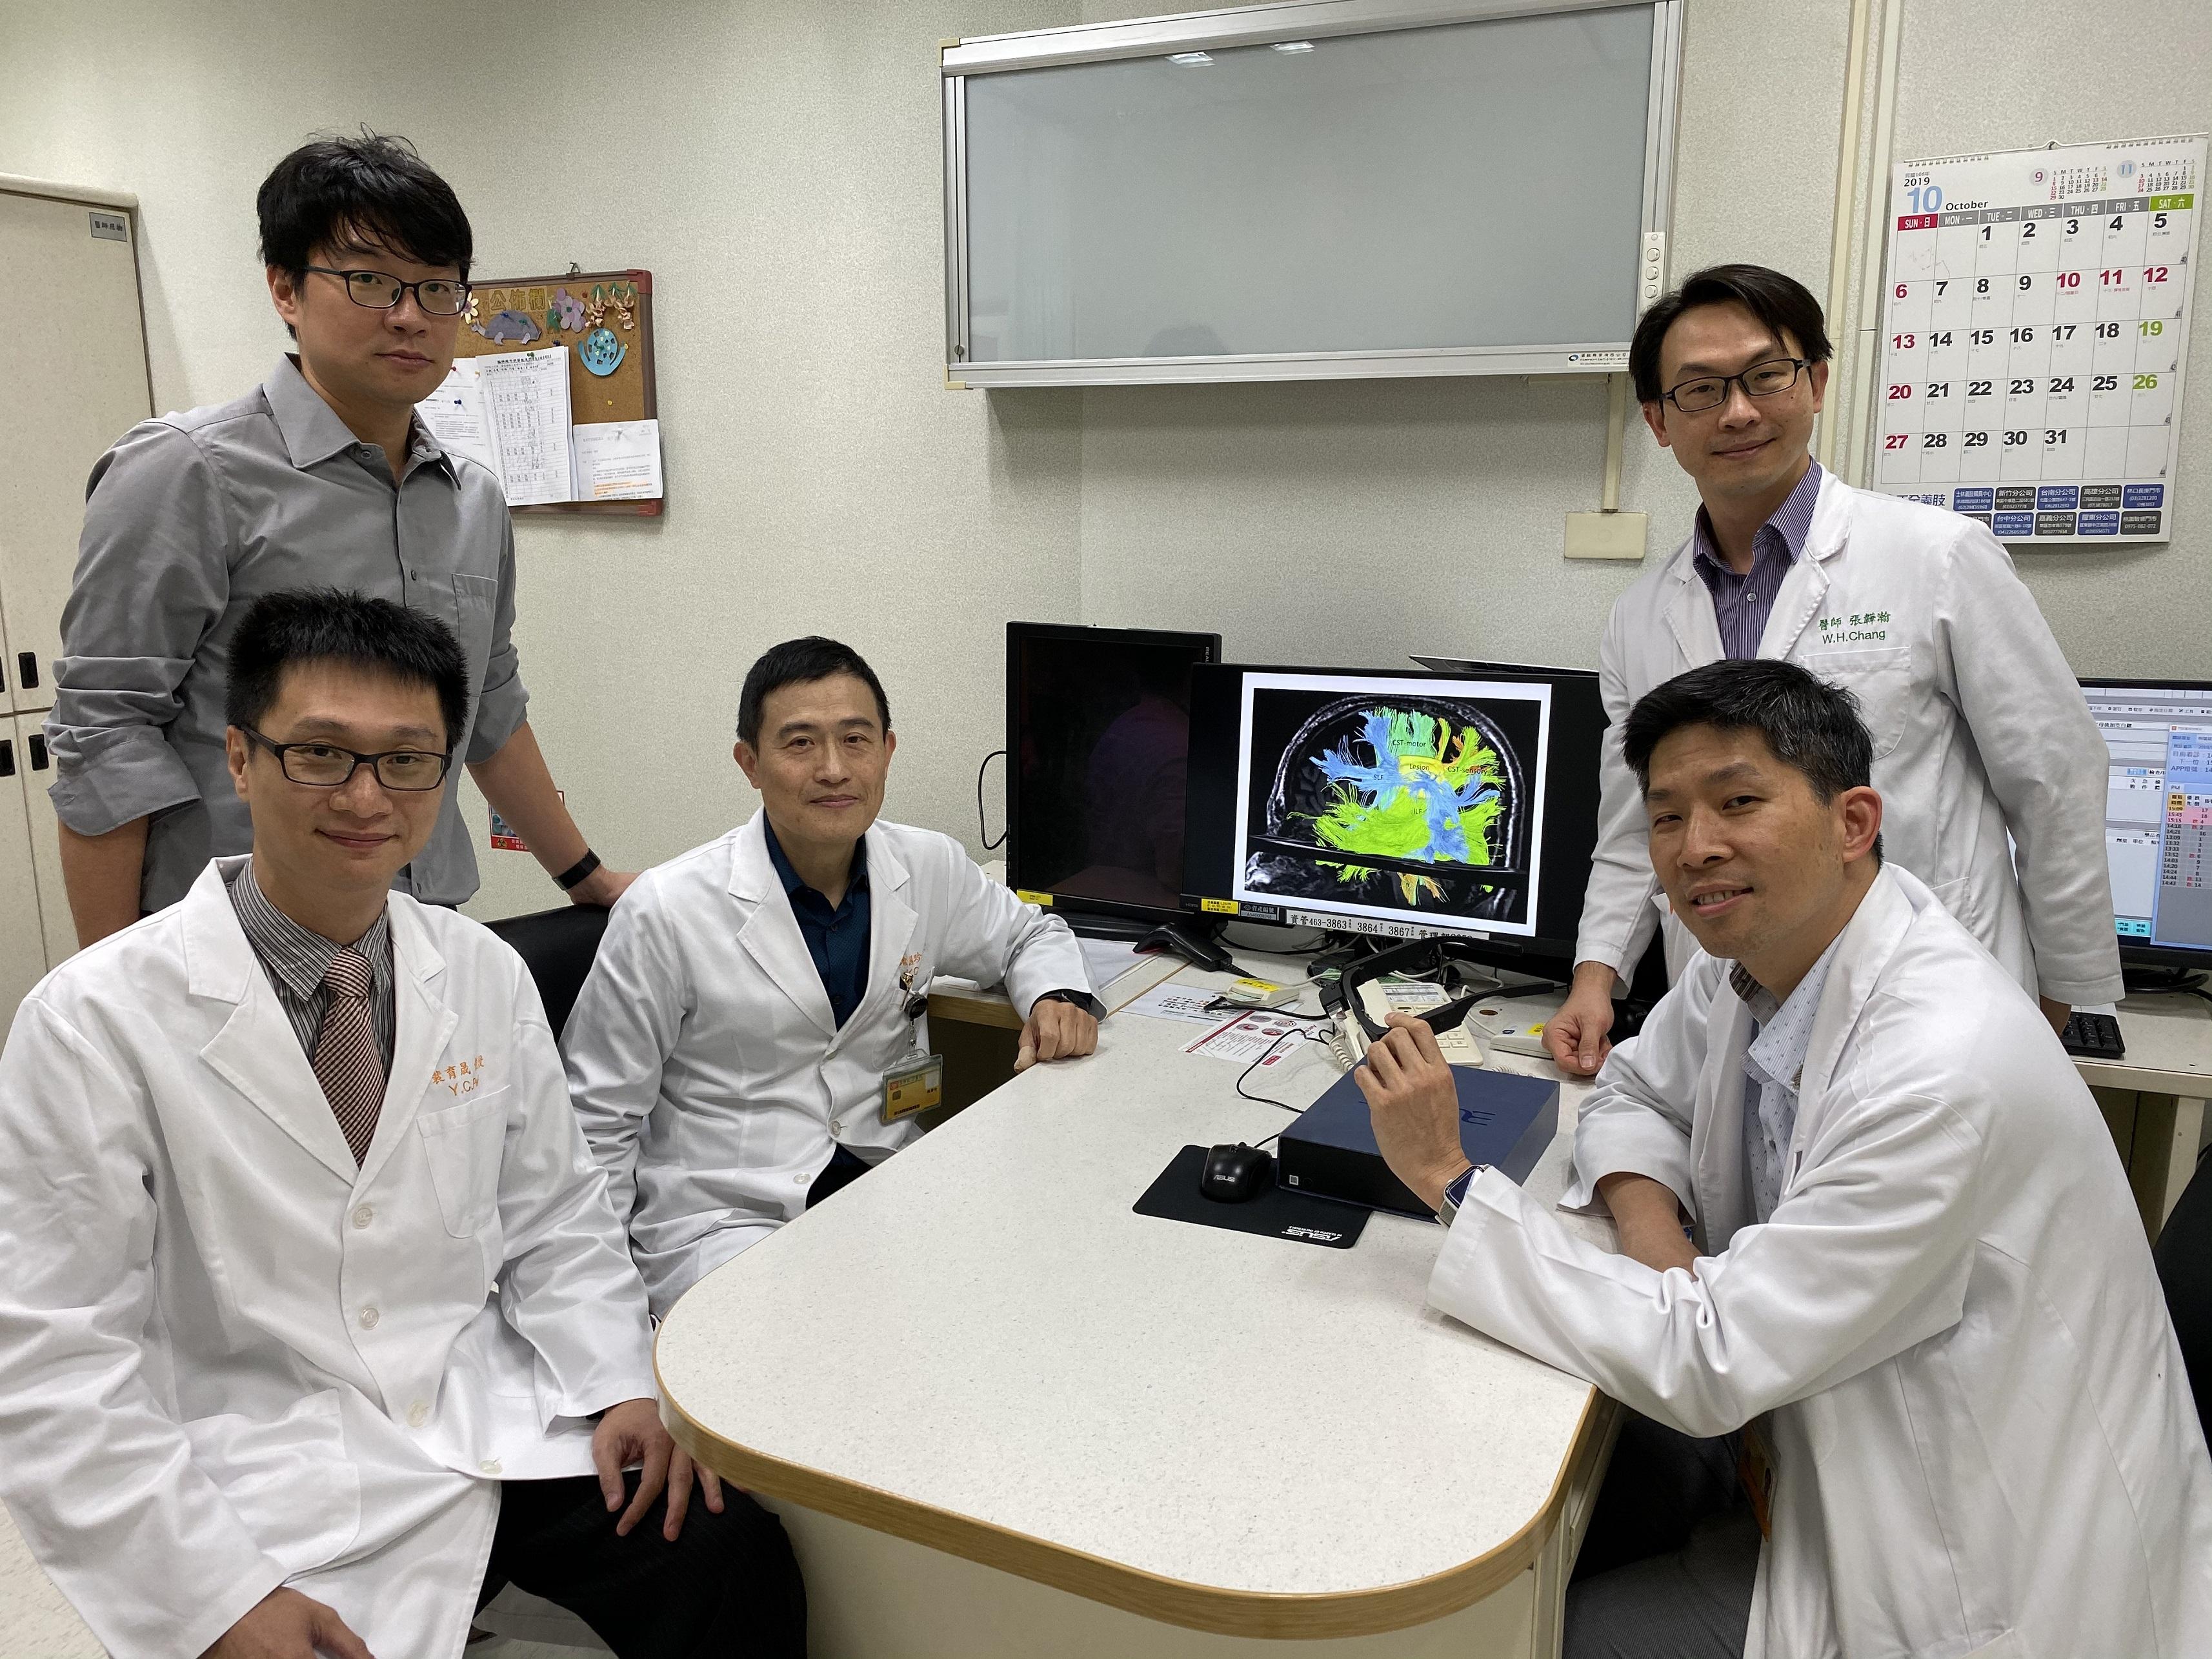 長庚醫院北院區與長庚大學組成的清醒開顱團隊